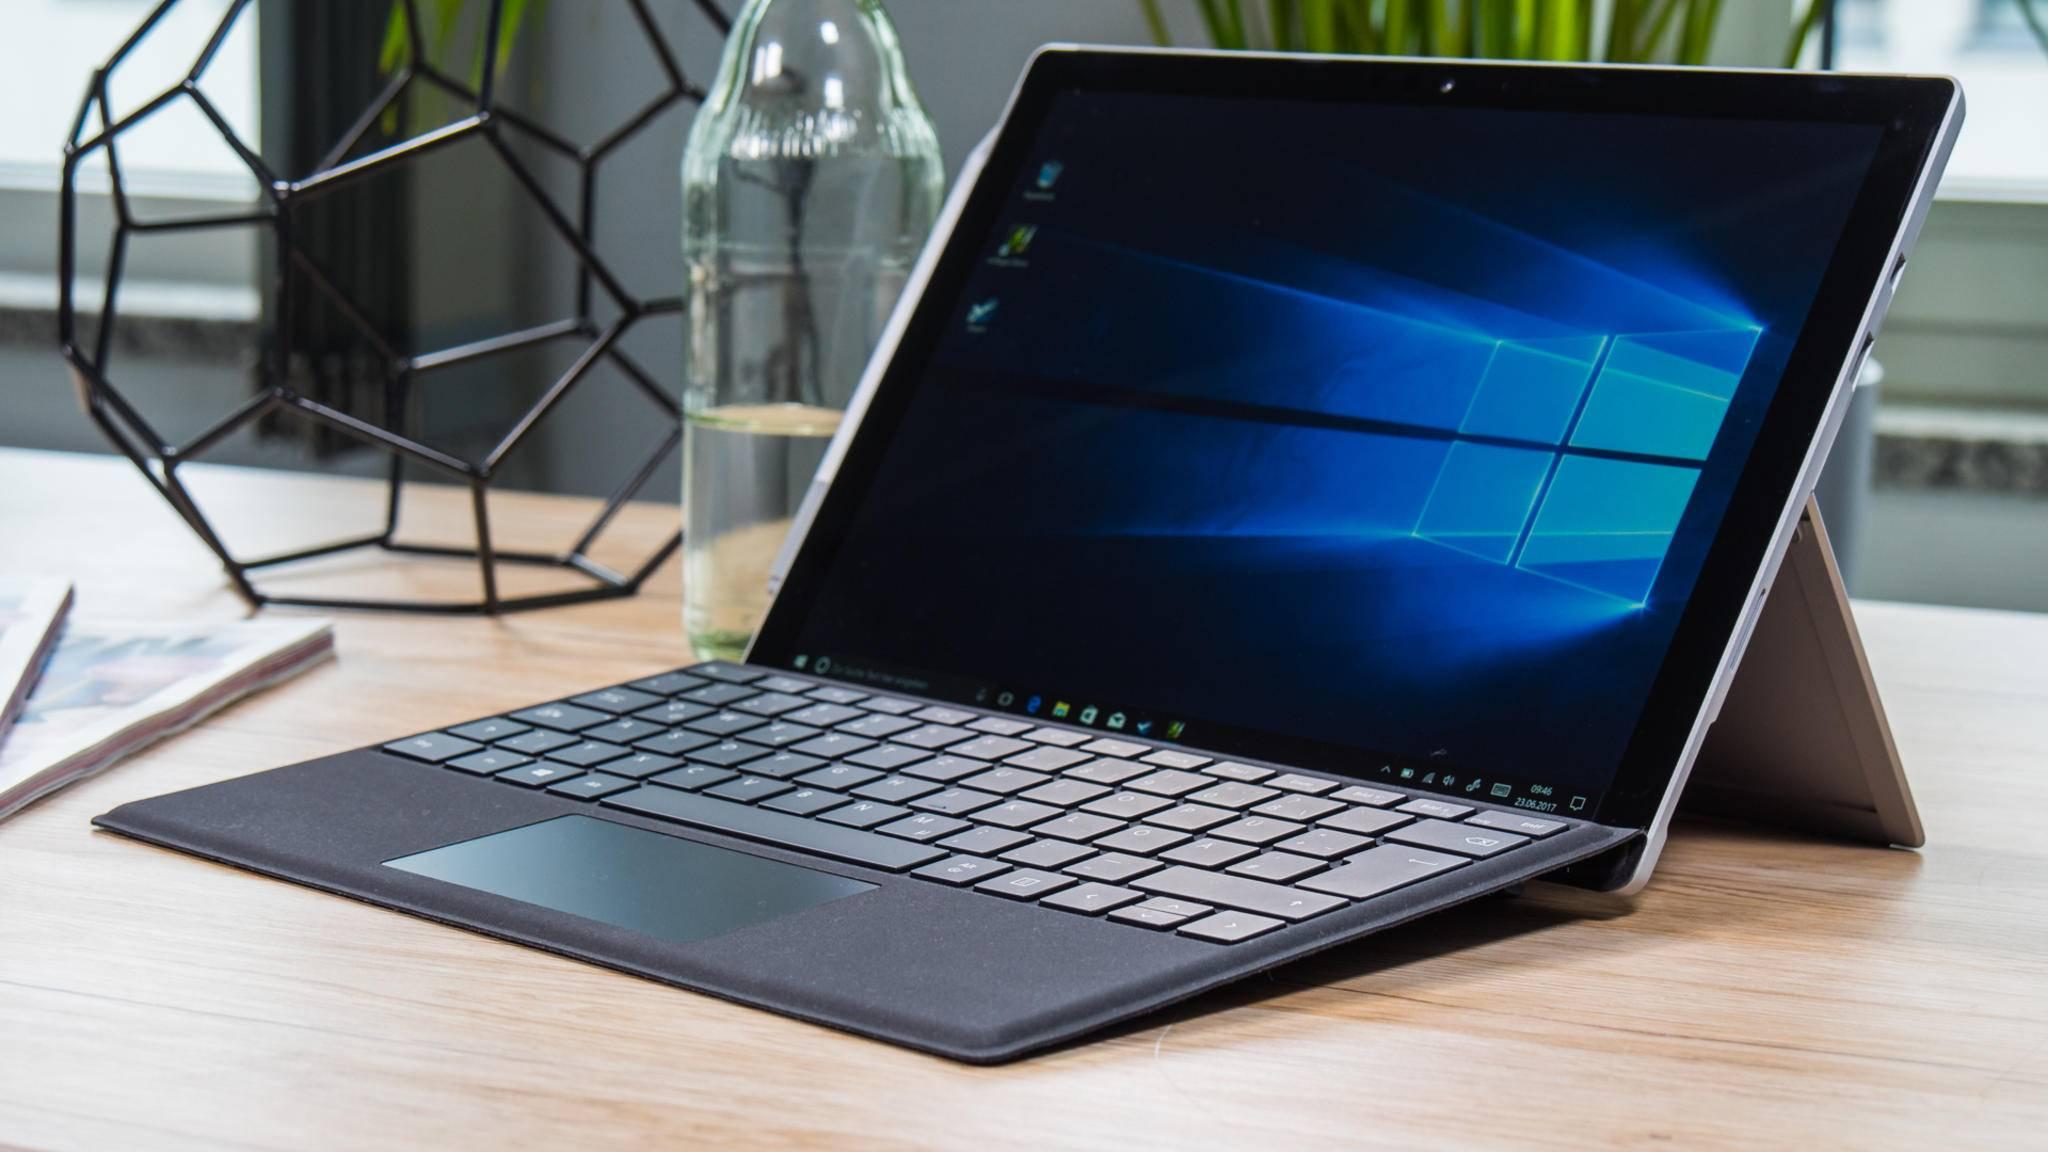 Mit dem Refresh Tool bekommst Du ein sauberes Windows-10-System.